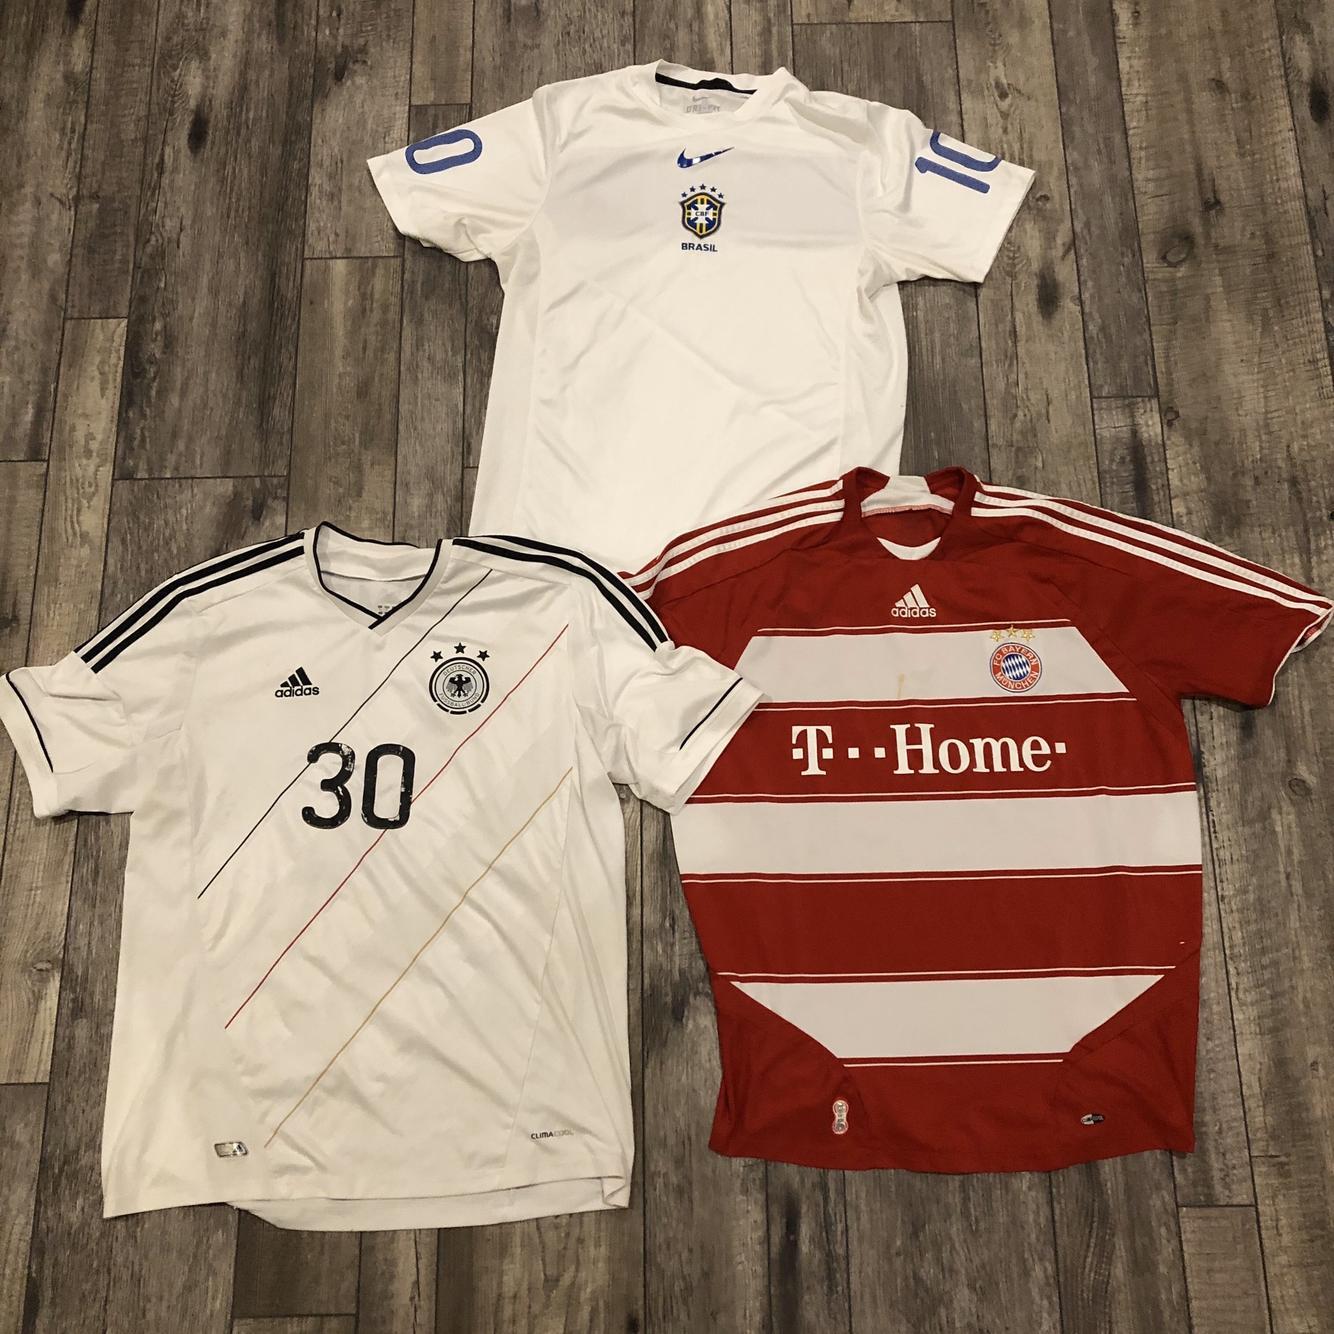 Size XL Authentic Pro Team Germany Brazil Bayern Munich Soccer ...